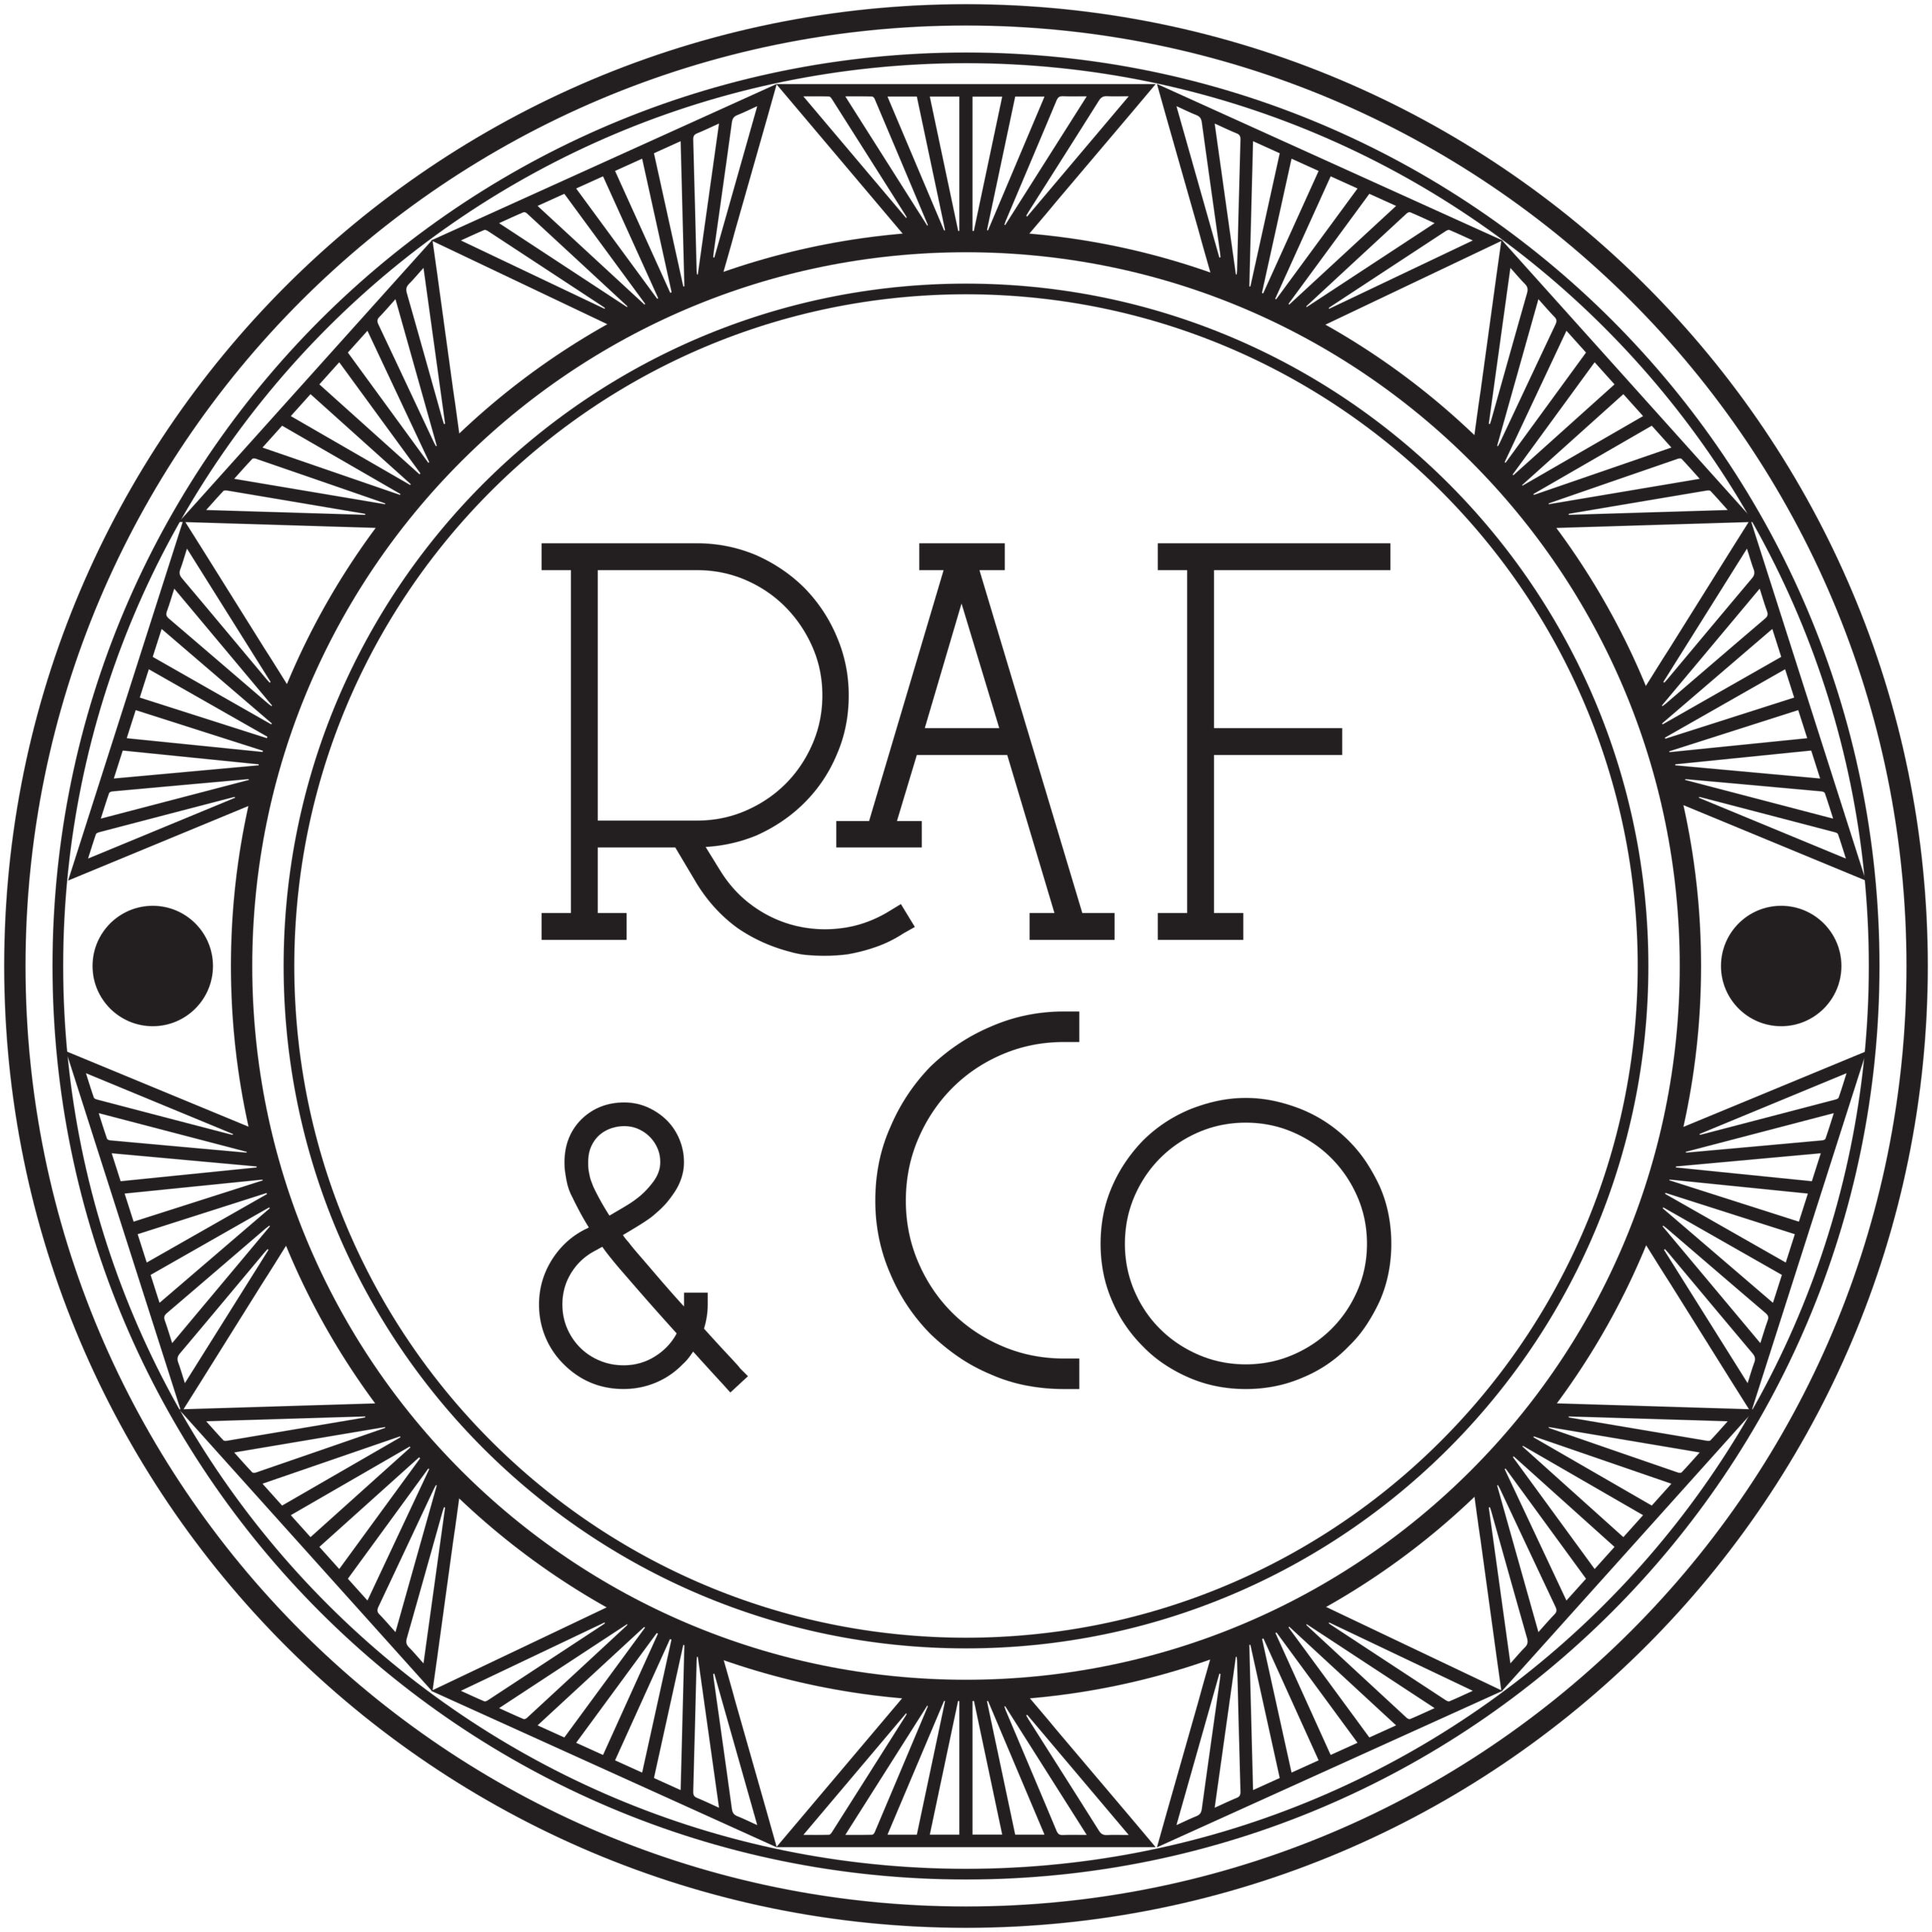 Raf & Co